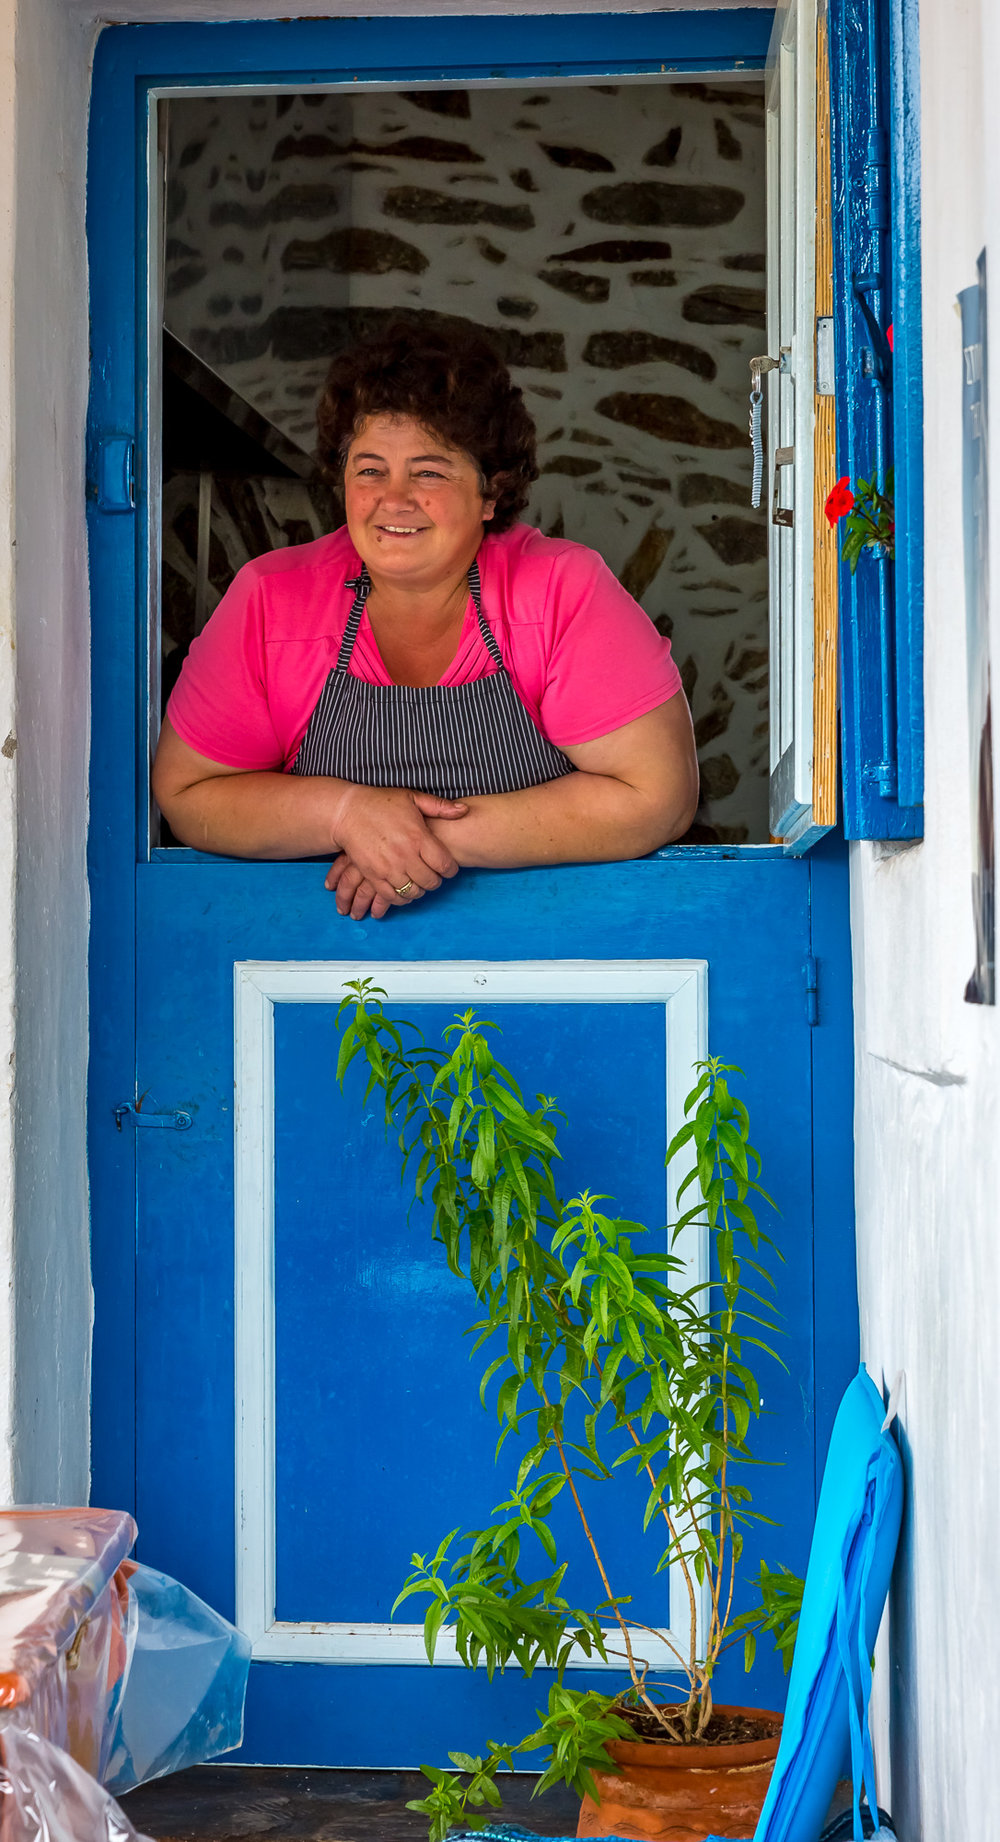 Παραδοσιακό μεζεδοπωλείο-καφενείο στην Κάτω Μεριά.